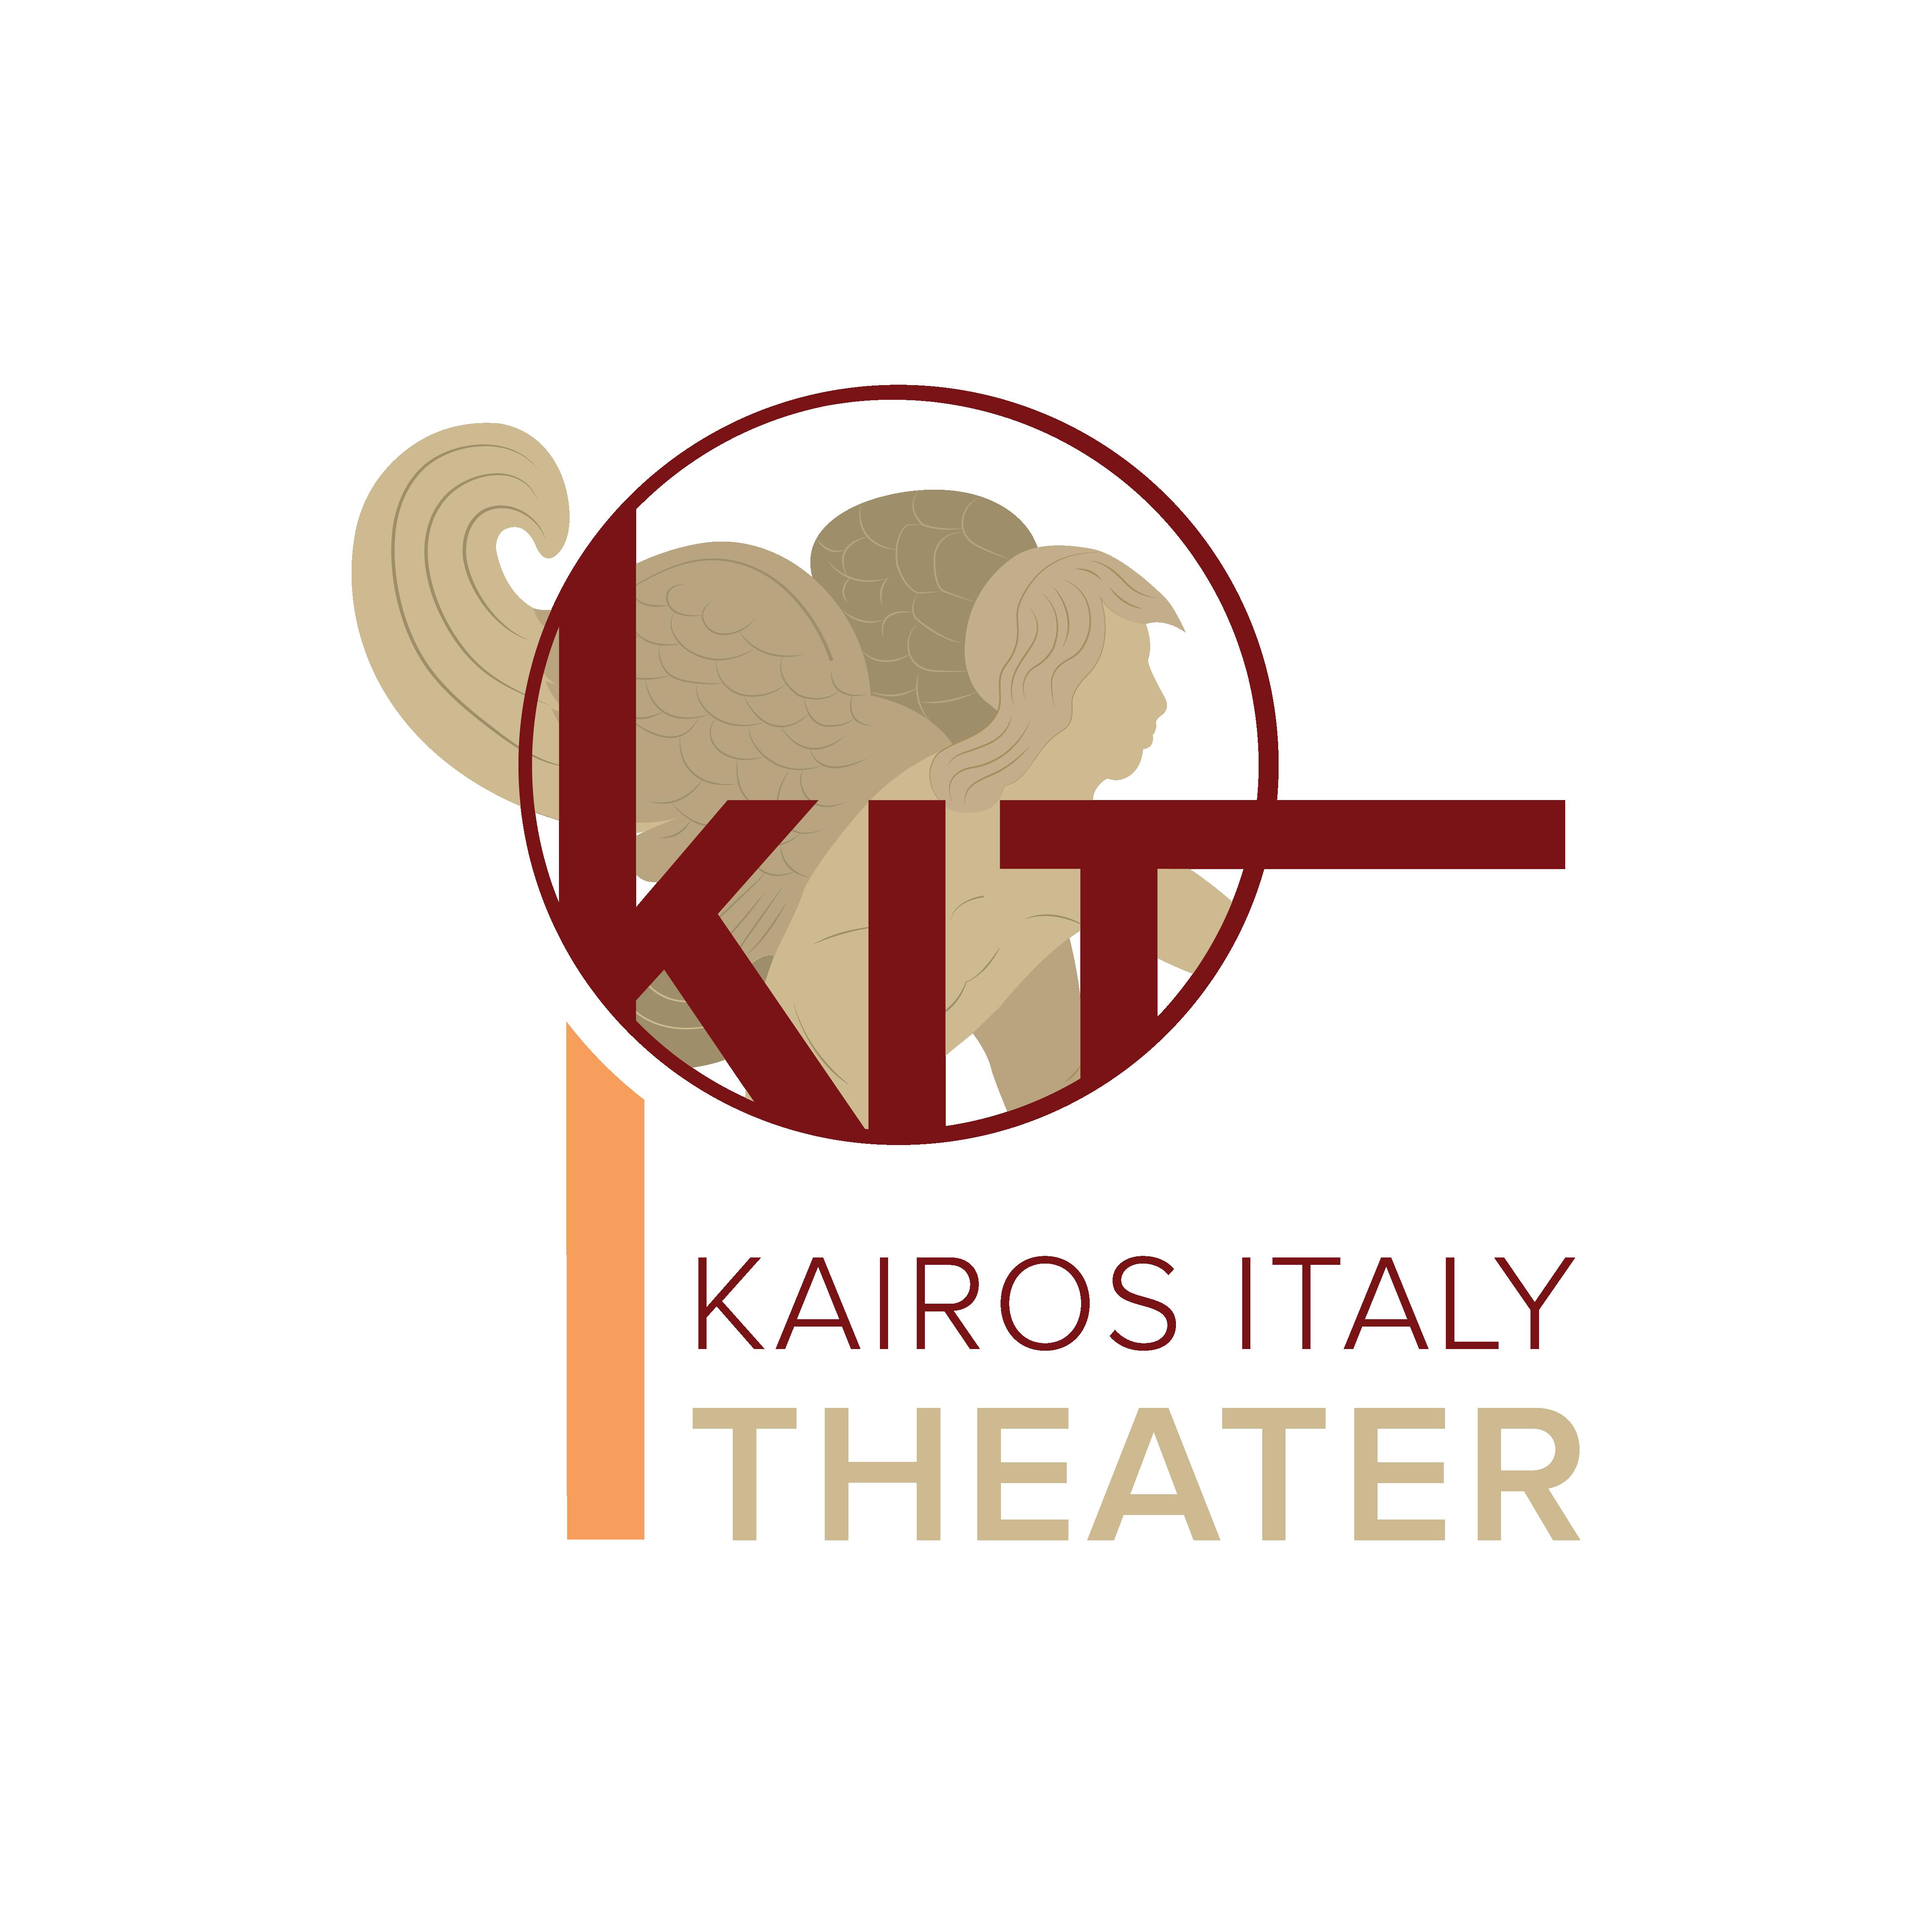 Kairos Italy Theater